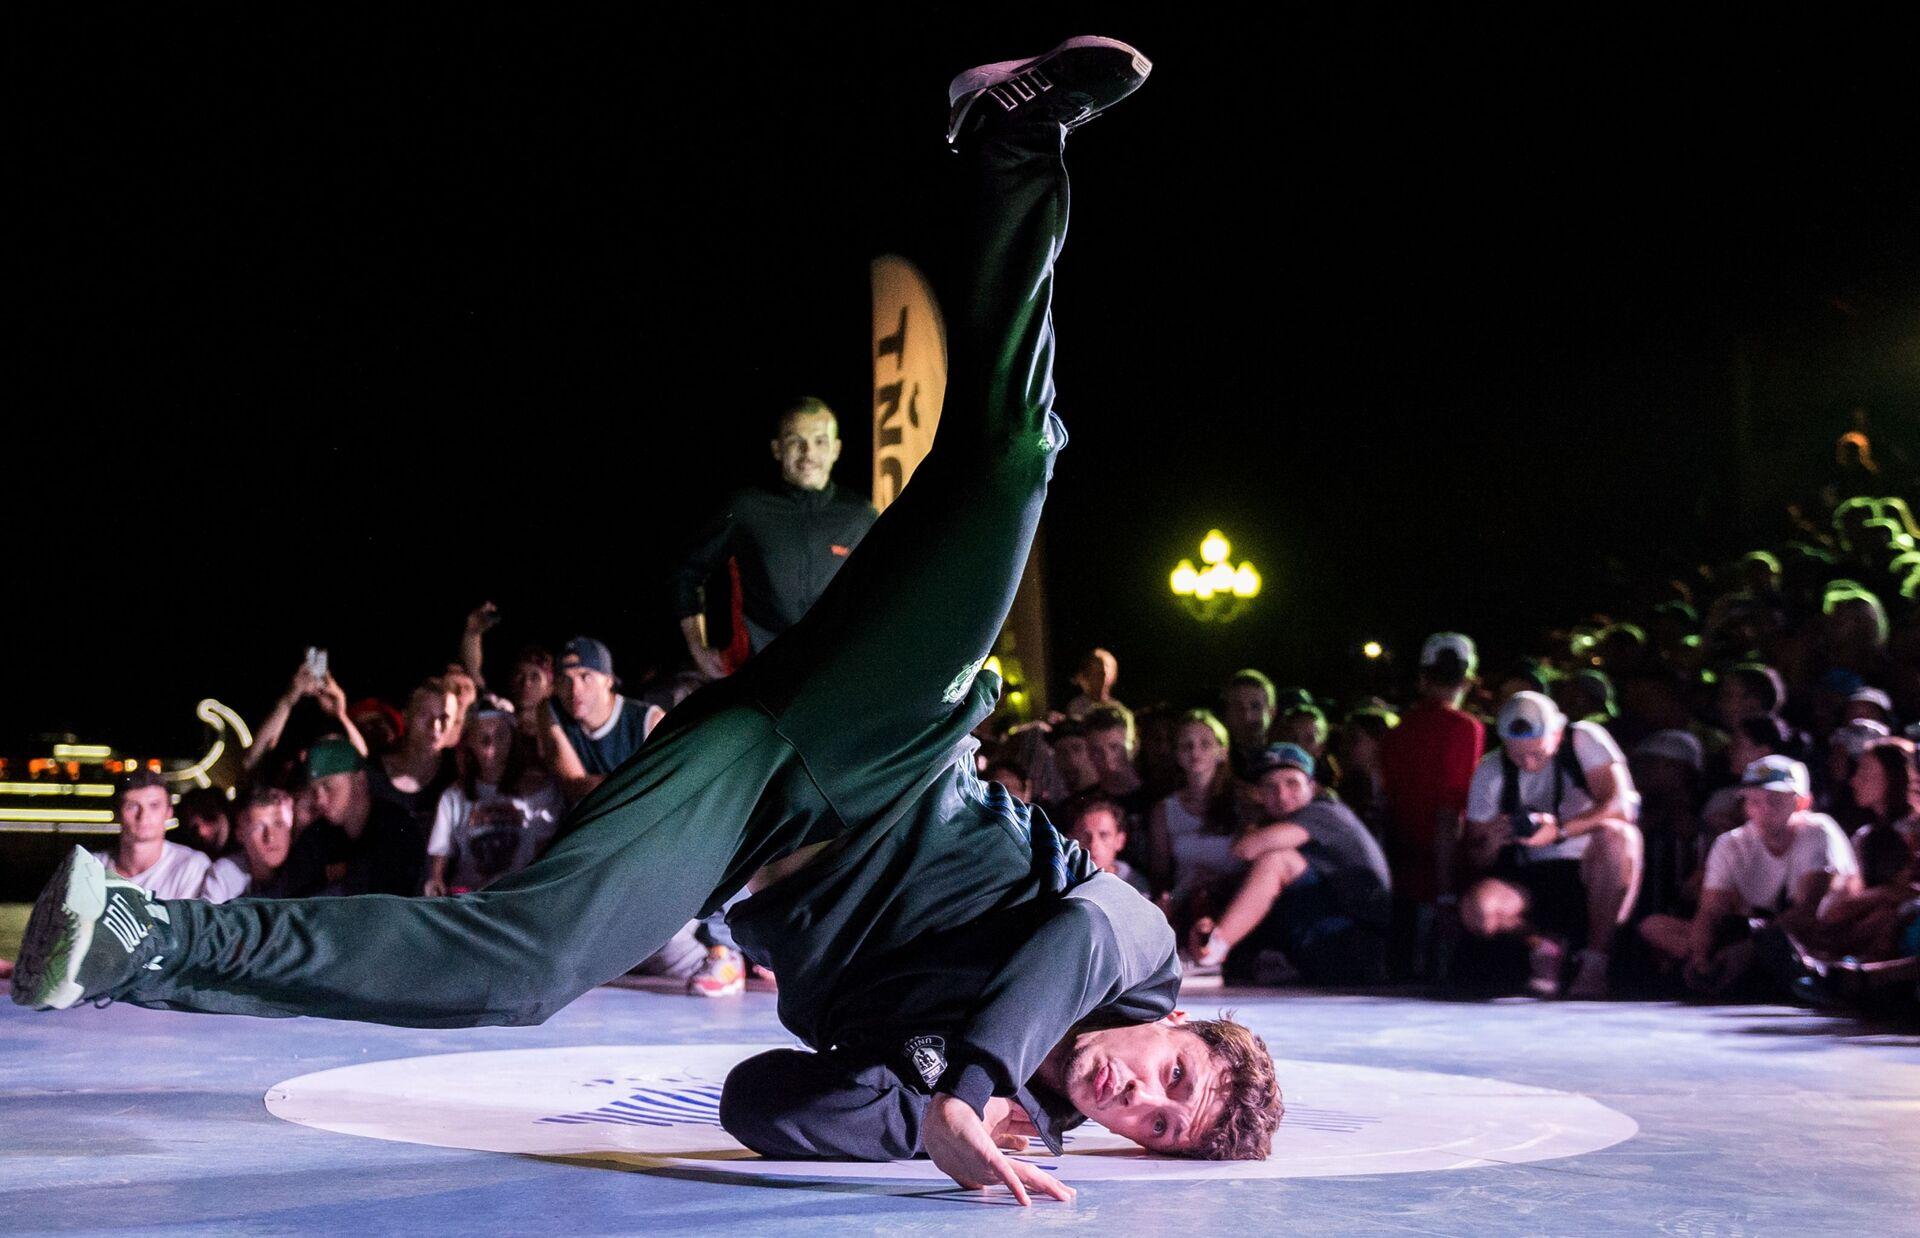 Các vũ công trong Giải vô địch thế giới về Break Dance CrimeaBreakDanceWorldCup - Sputnik Việt Nam, 1920, 05.10.2021